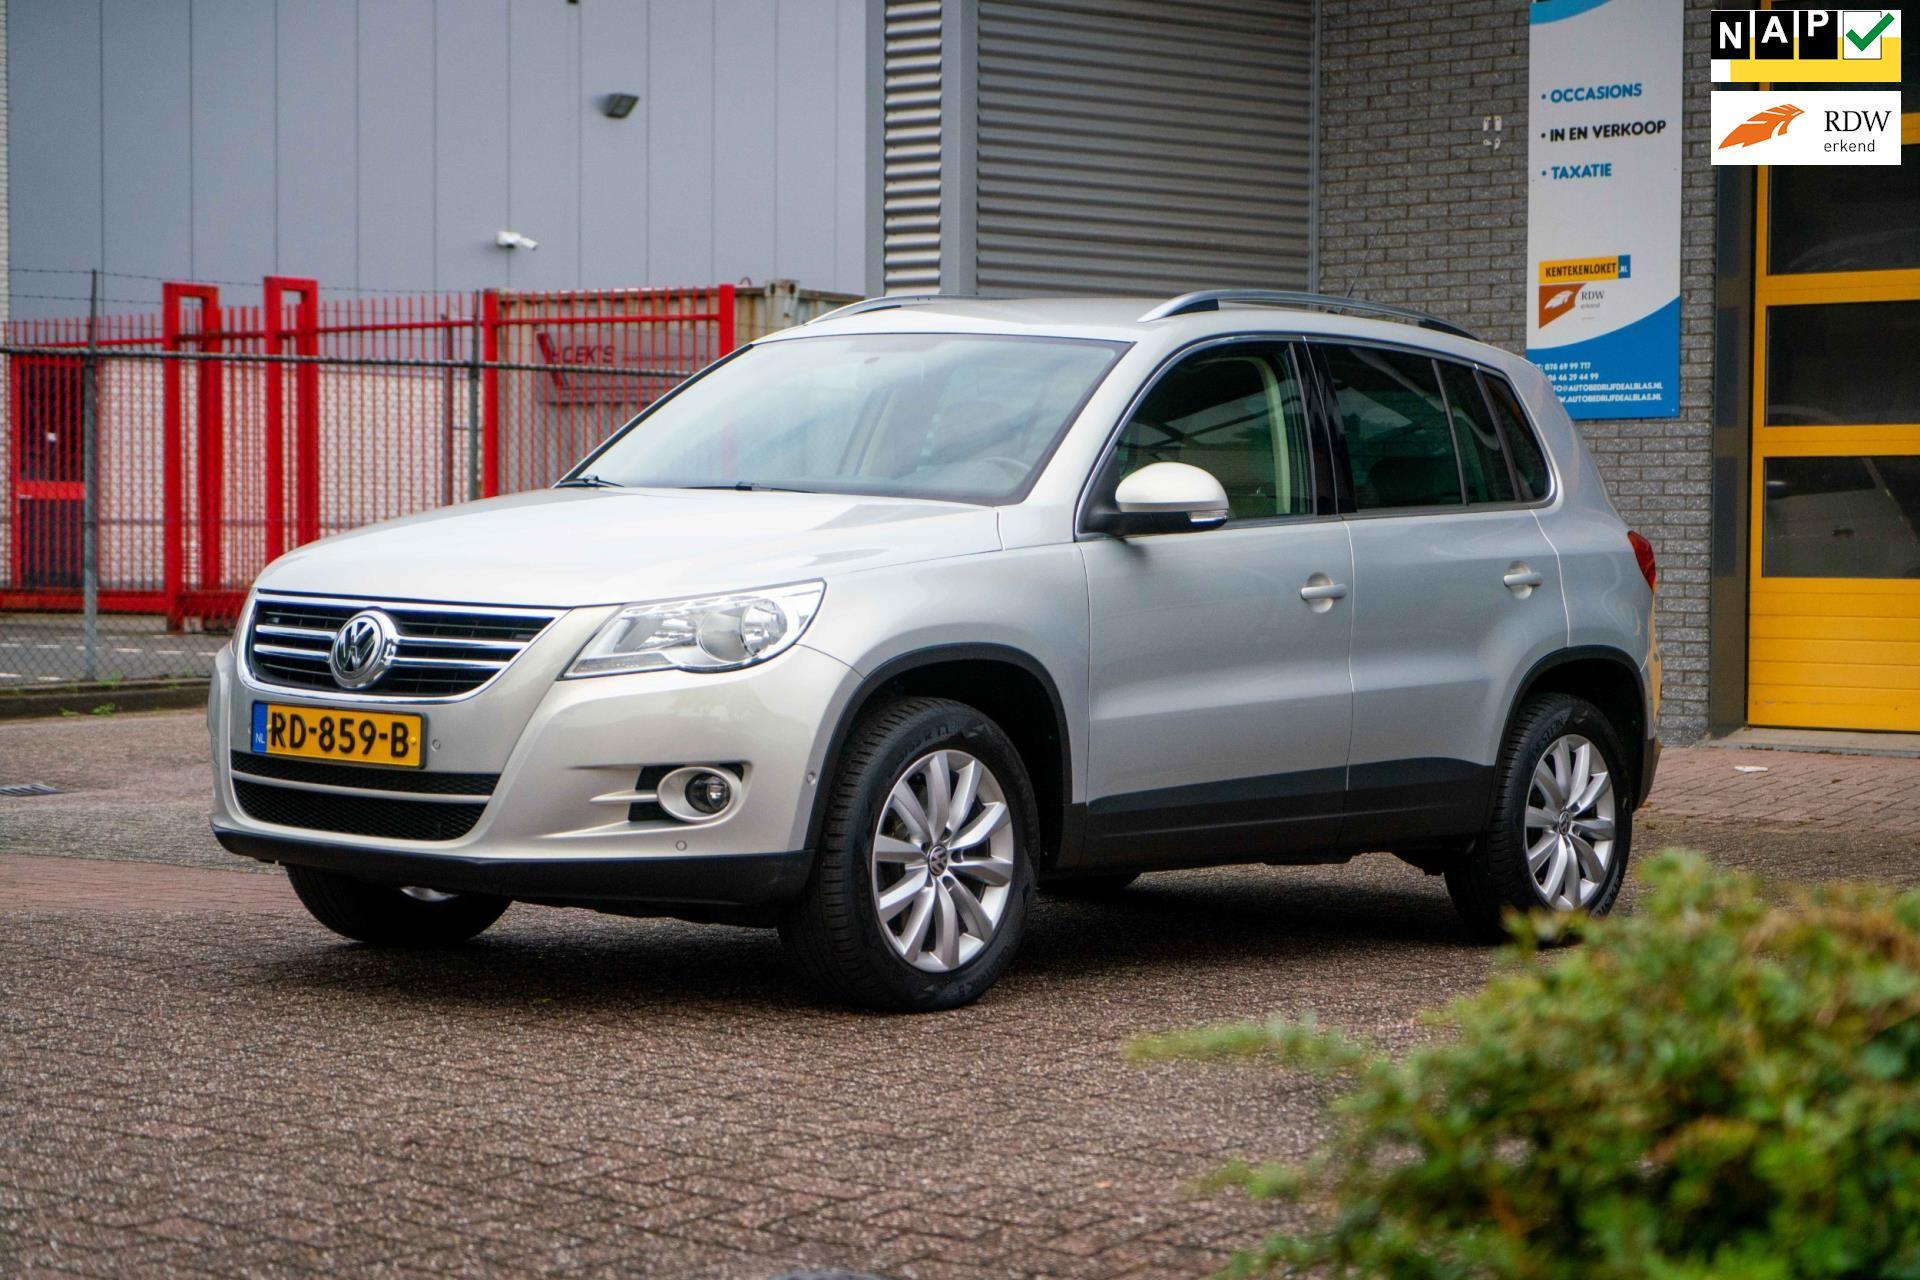 Volkswagen Tiguan occasion - Autobedrijf de Alblas